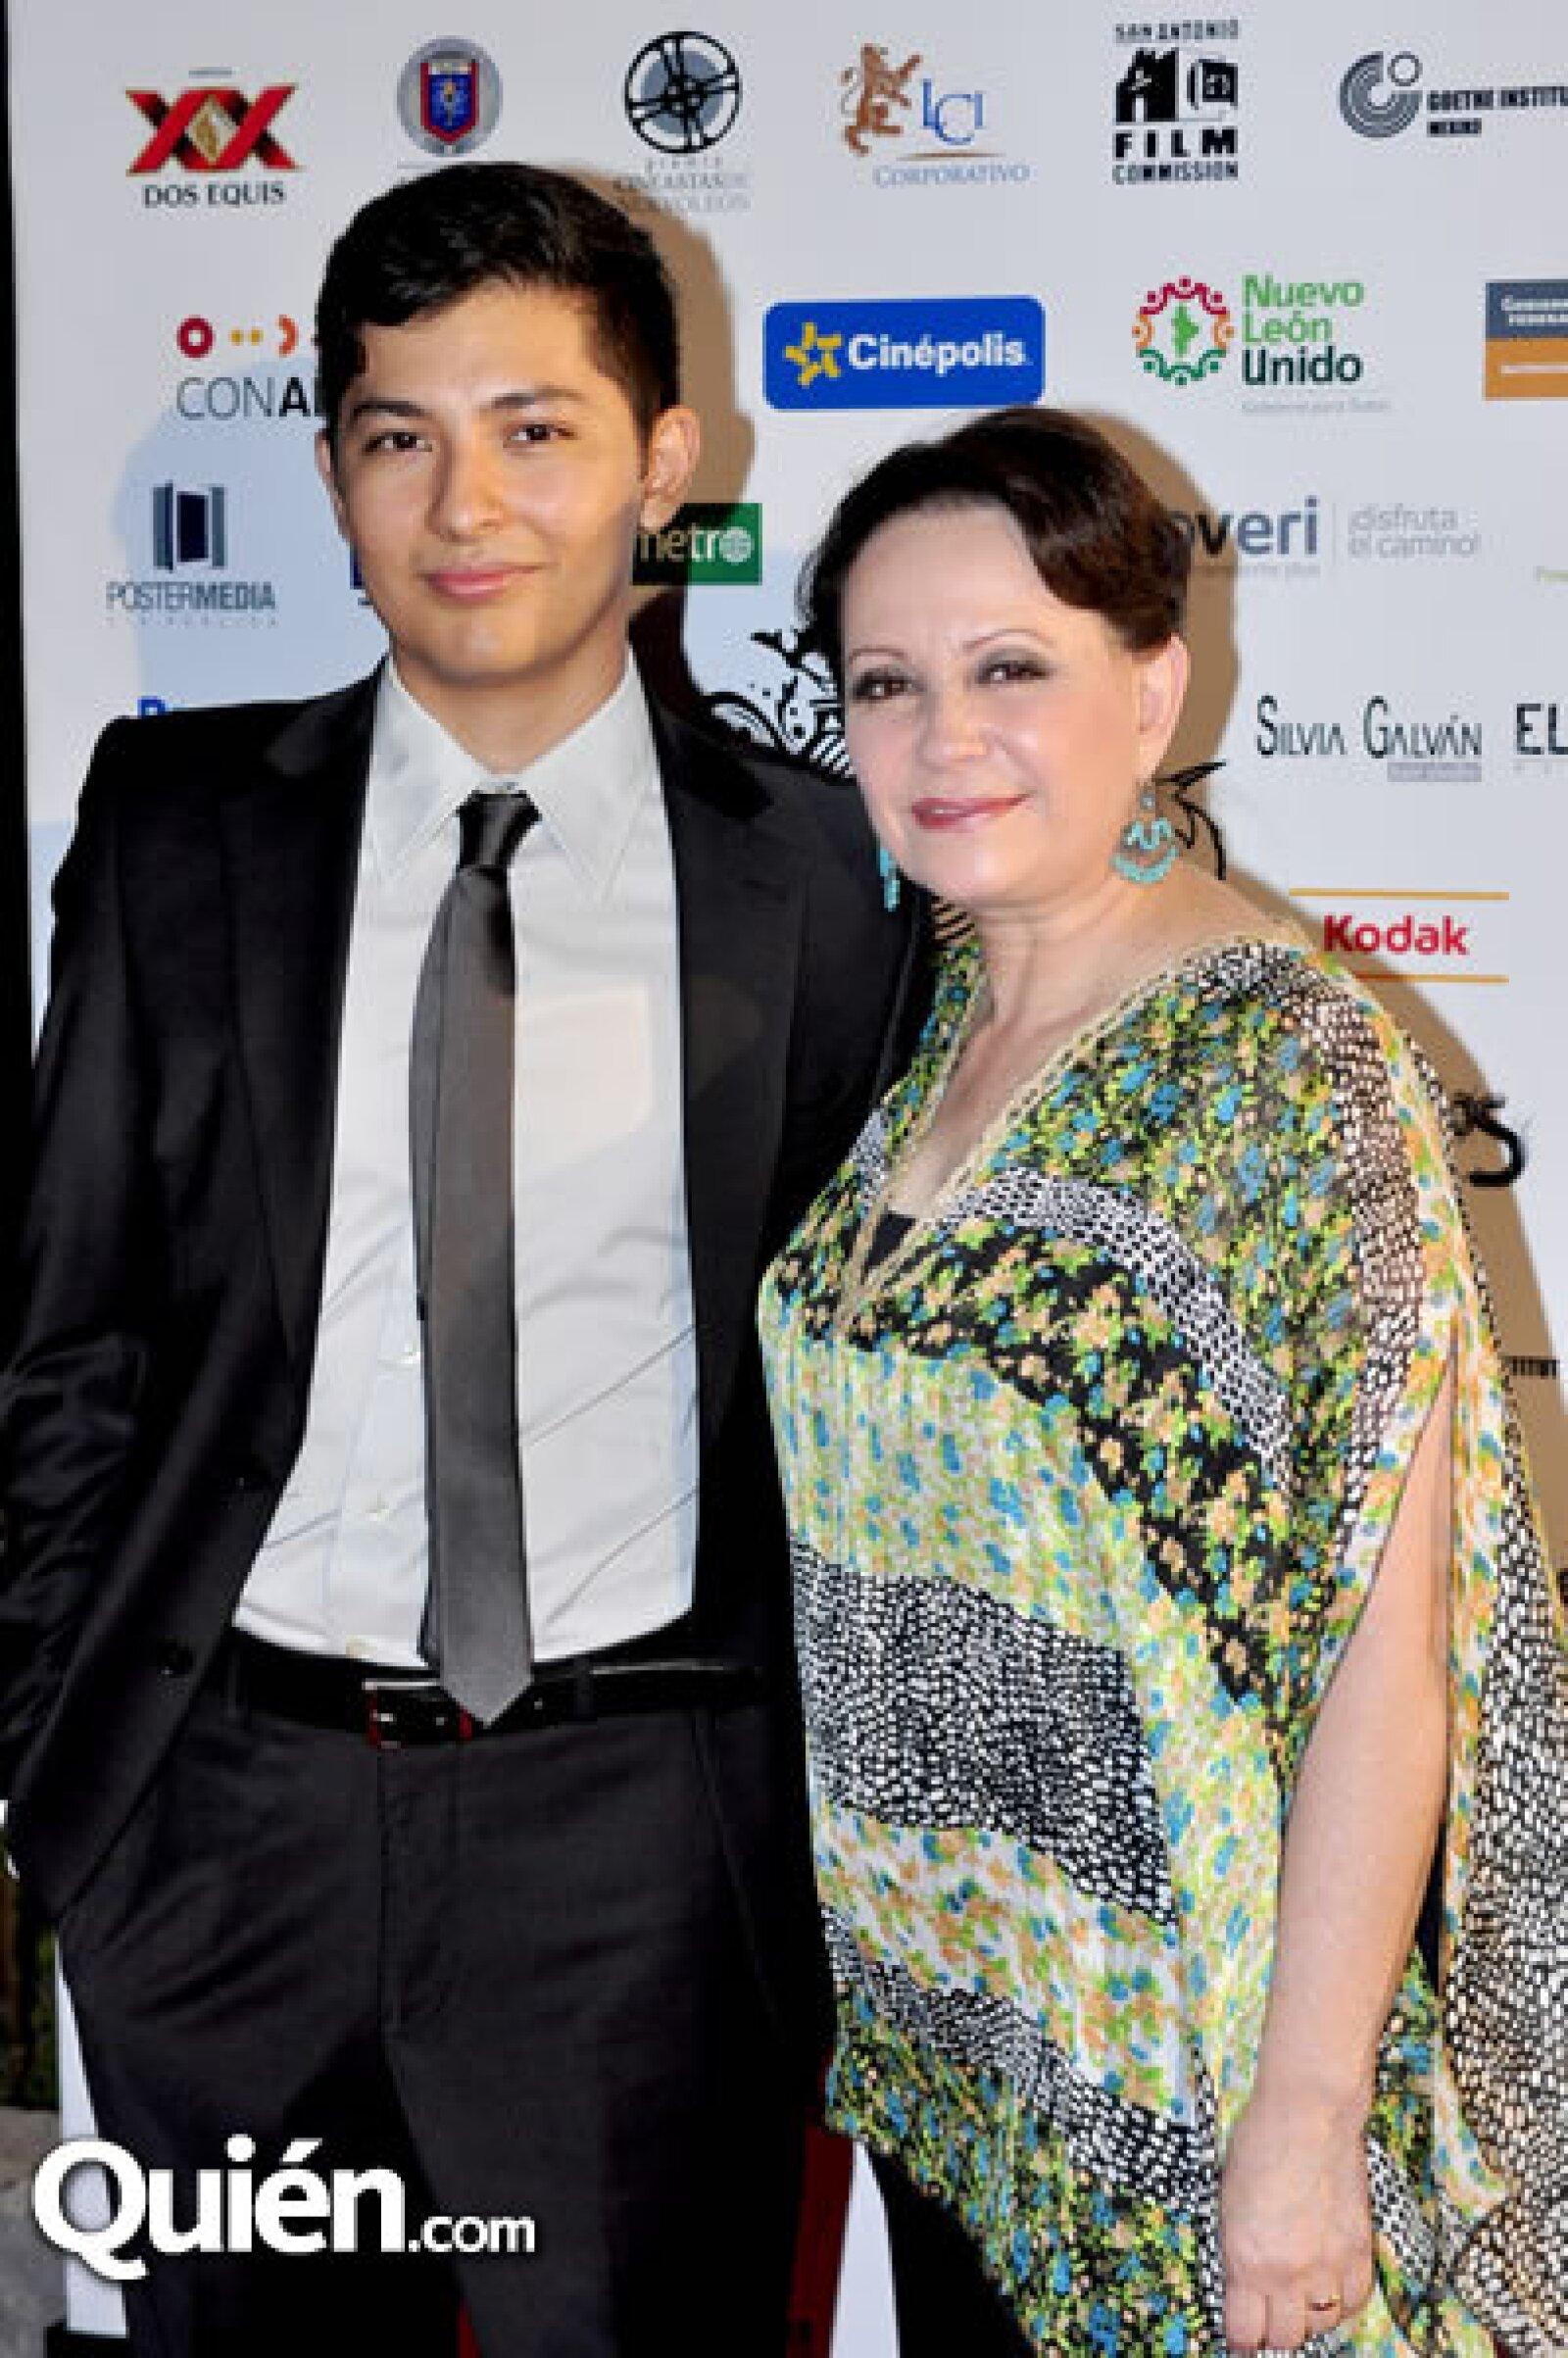 Alejandro y Adriana Barraza